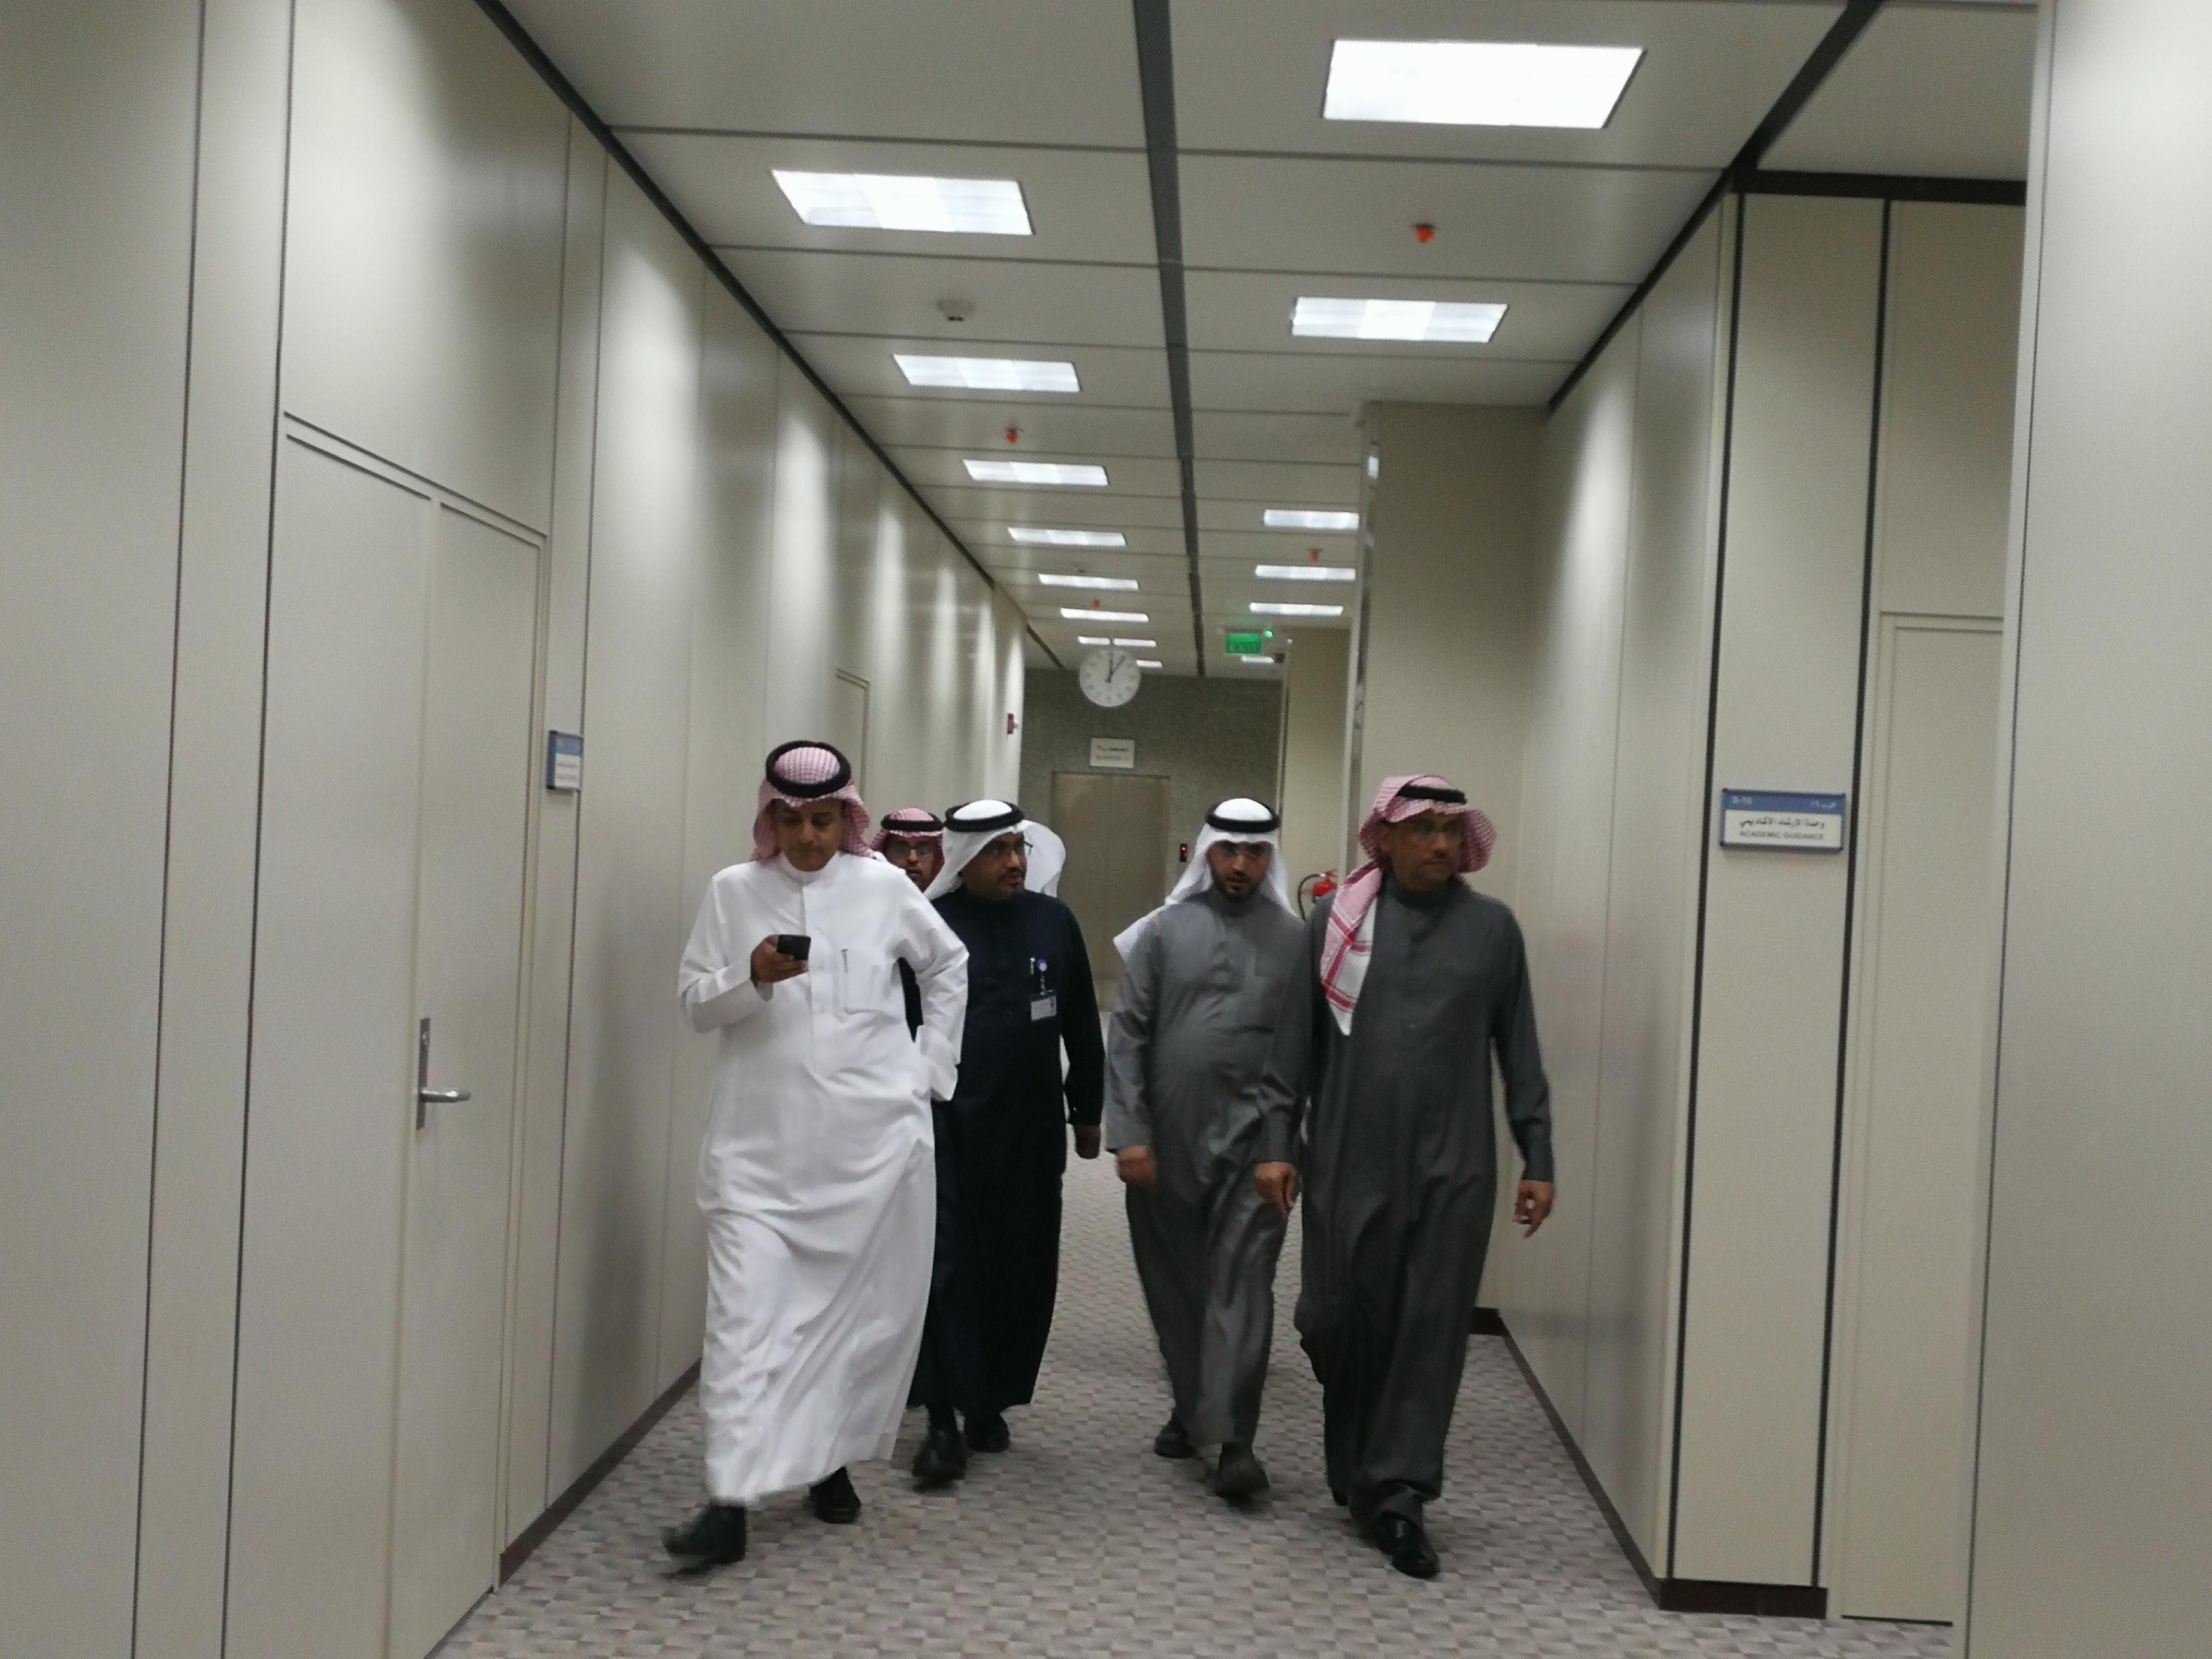 معالي مدير الجامعة يتفقد الاستعدادات النهائية لمبنى كلية التمريض